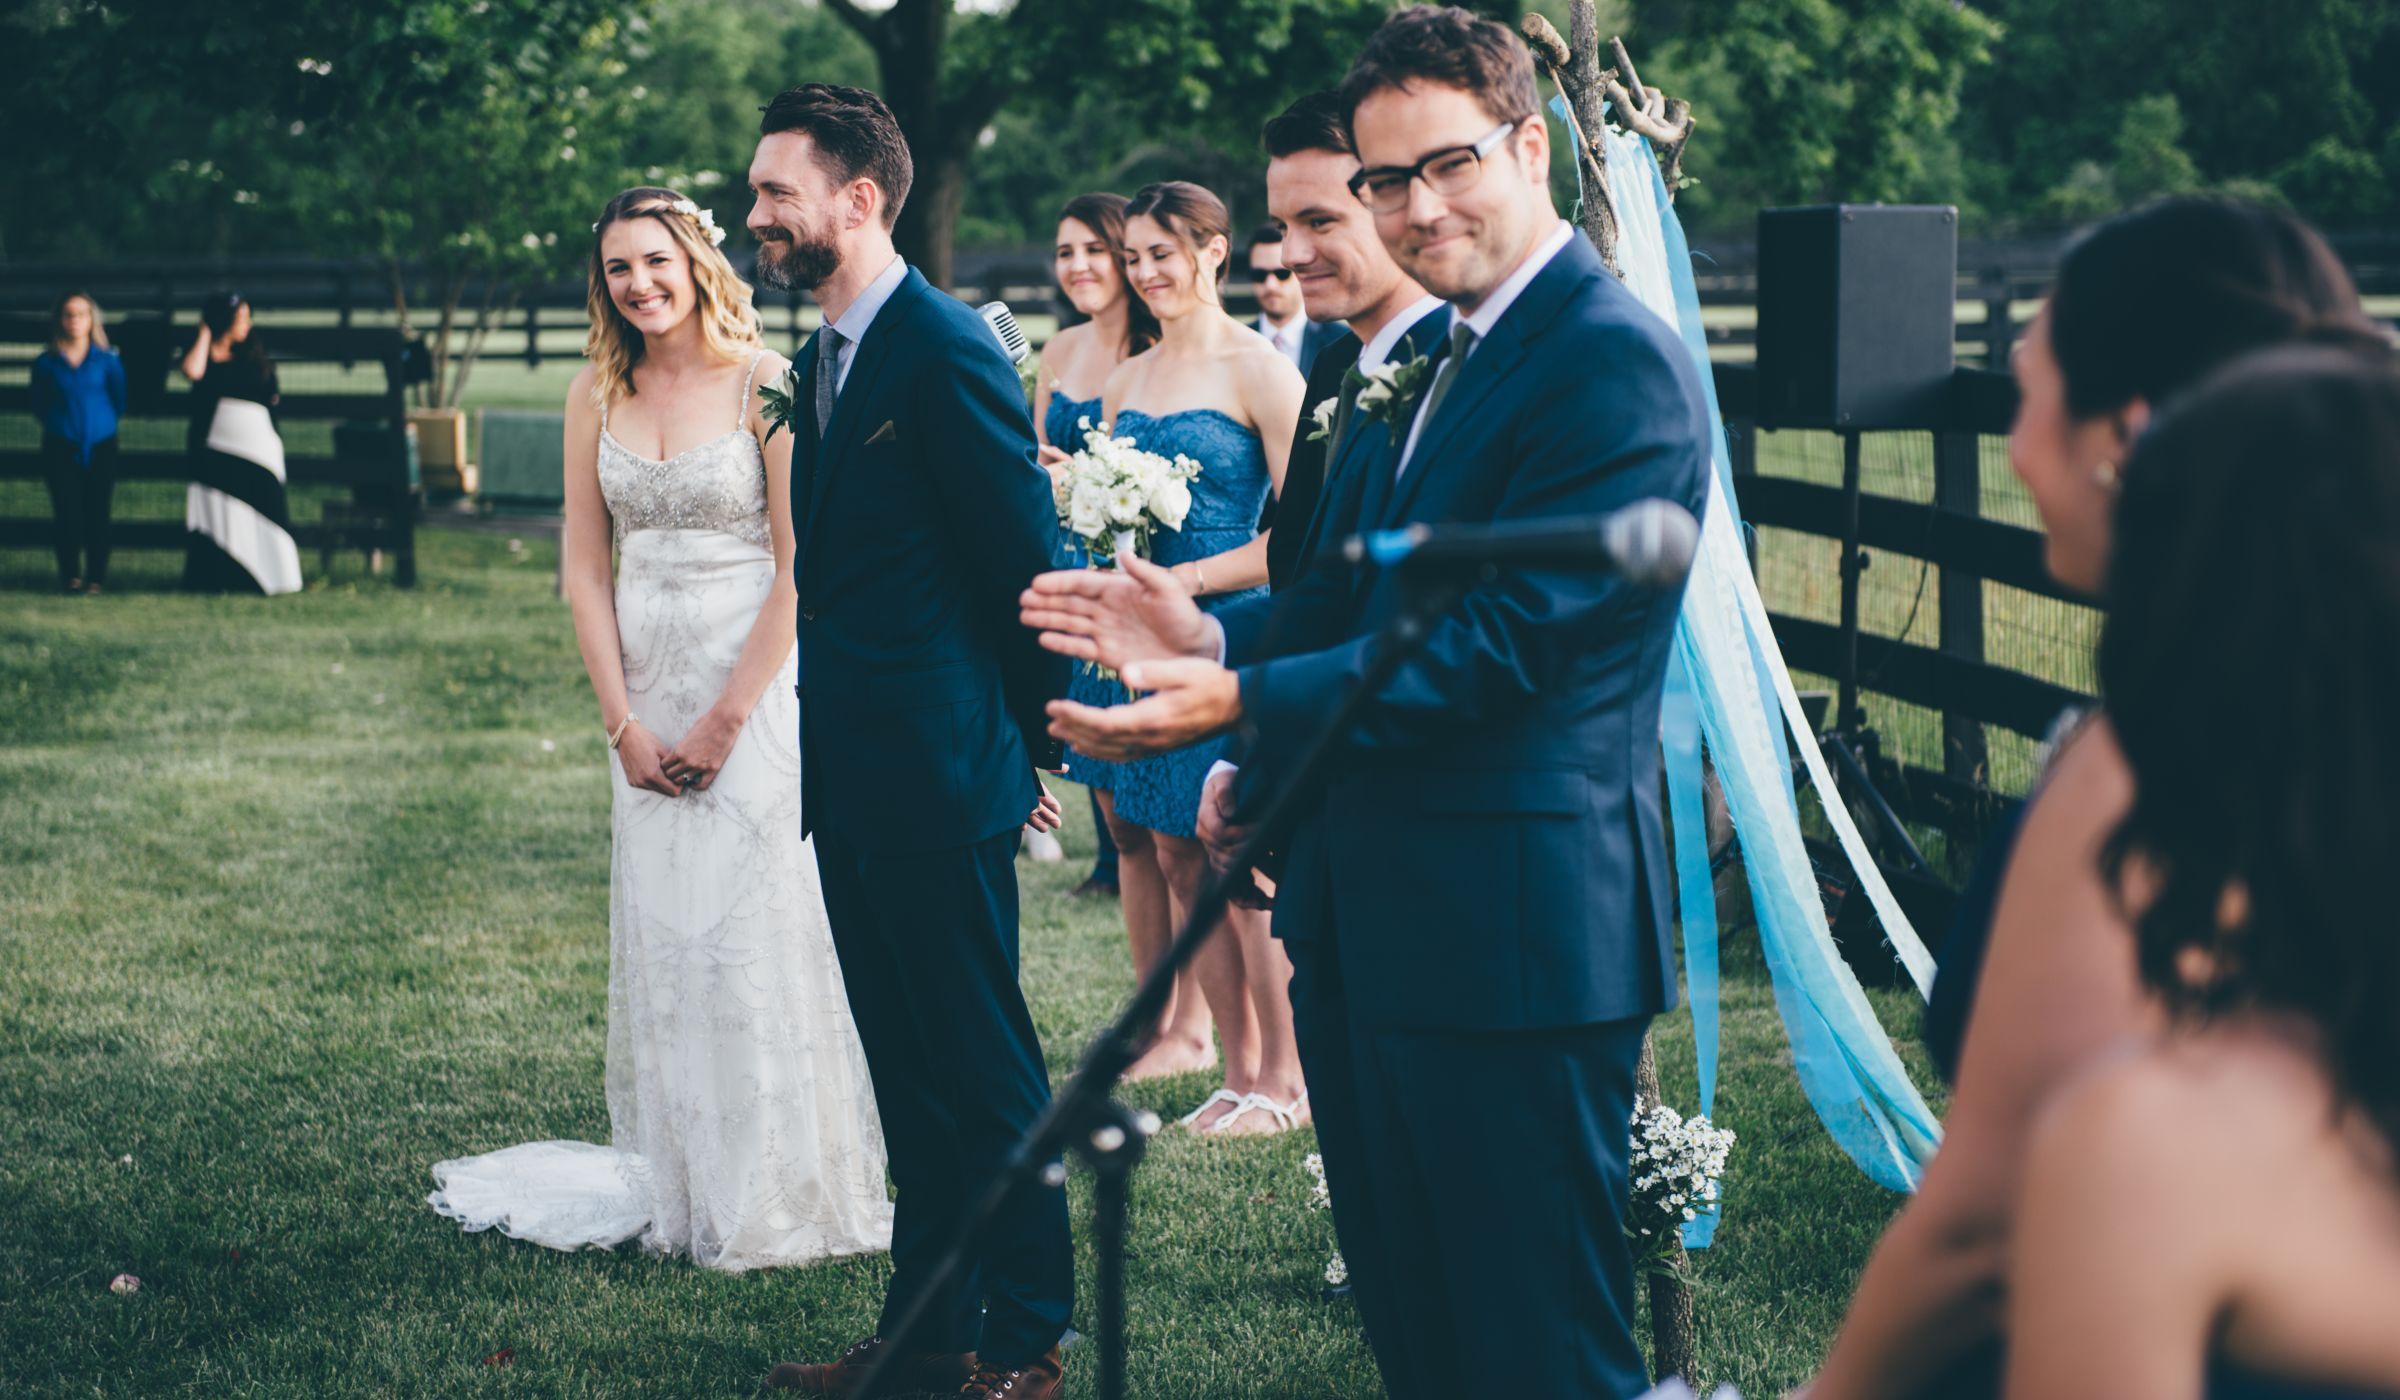 Wedding Ceremony Atheist Wedding Ceremony: How To Choose Wedding Ceremony Readings